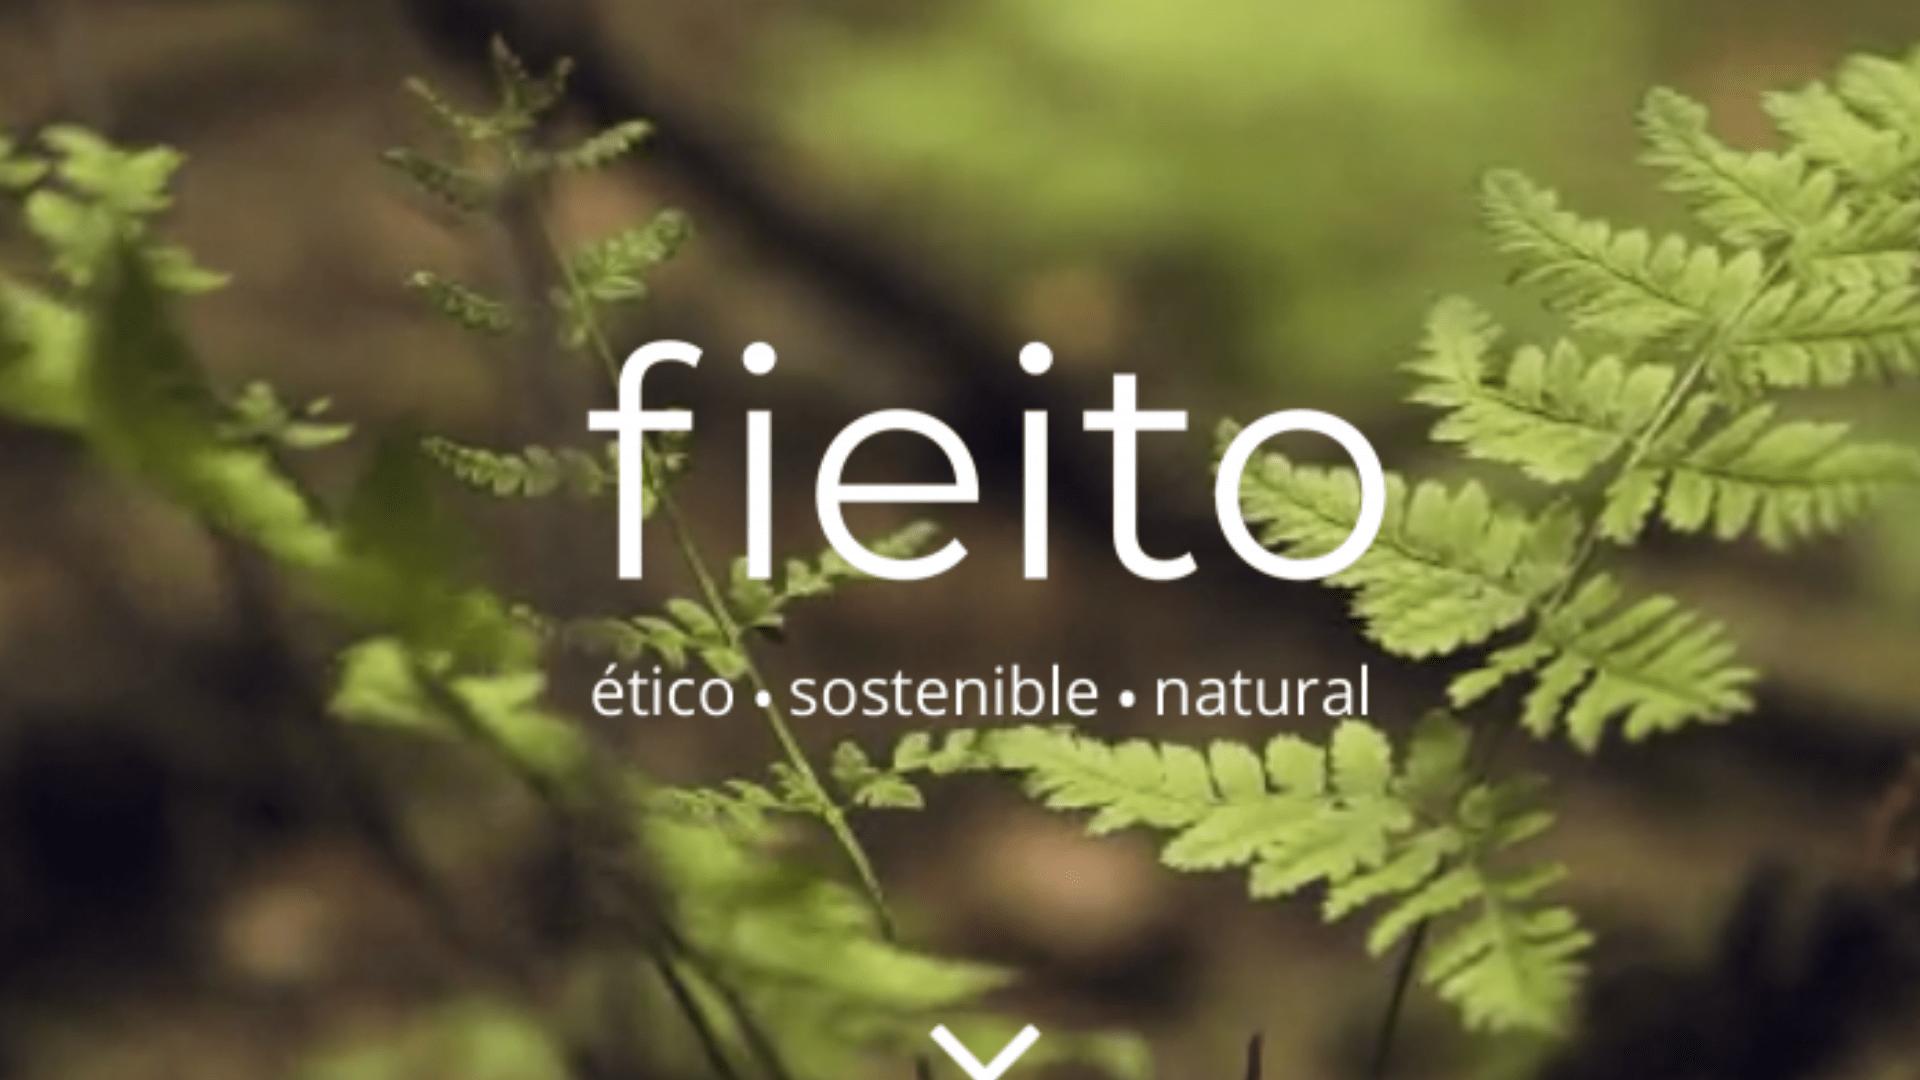 Fieito, una marca gallega ecológica